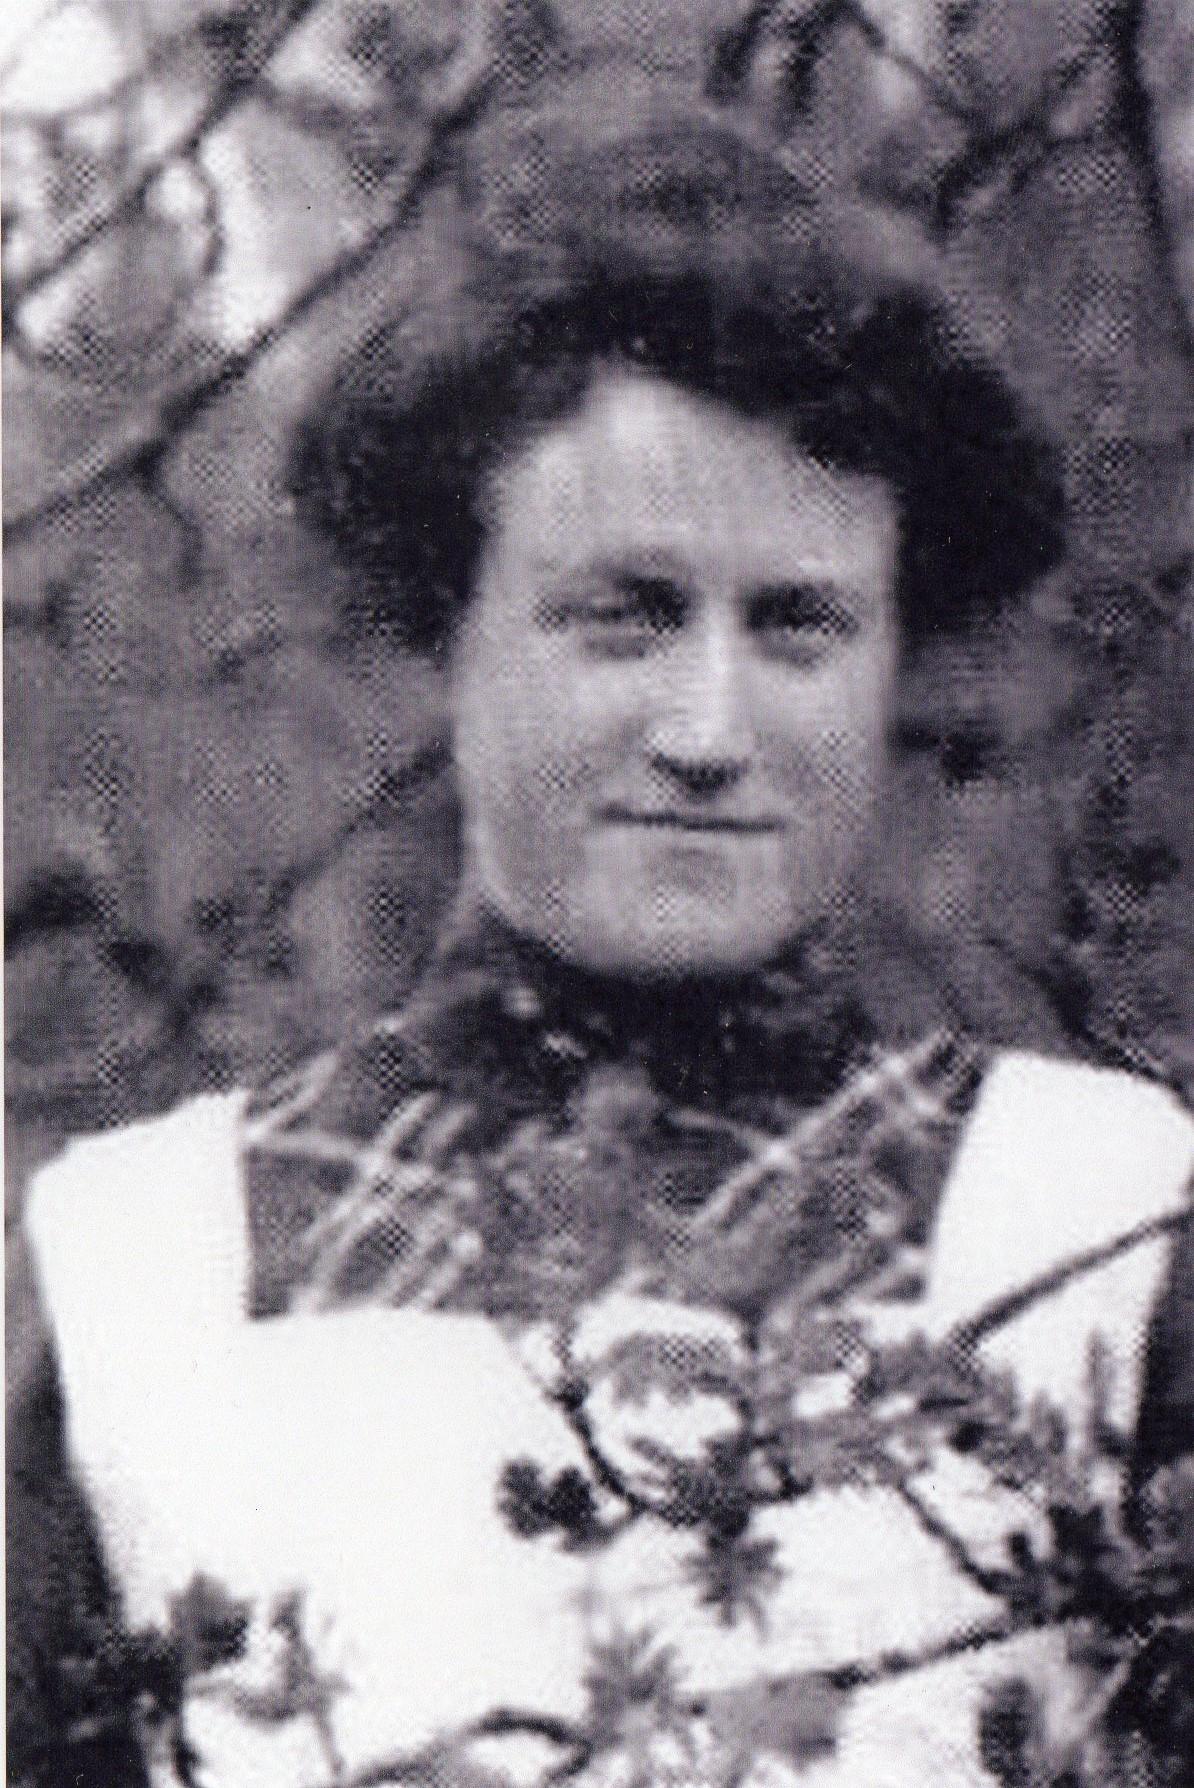 Pauline som også bodde på Ulvanaune. Hun var tante til Nils og søster til hans far. Hun var fysisk funksjonshemmet etter at hun ble angrepet av den verdensomspennende influensaepidemien «spanskesyken» i 1919.